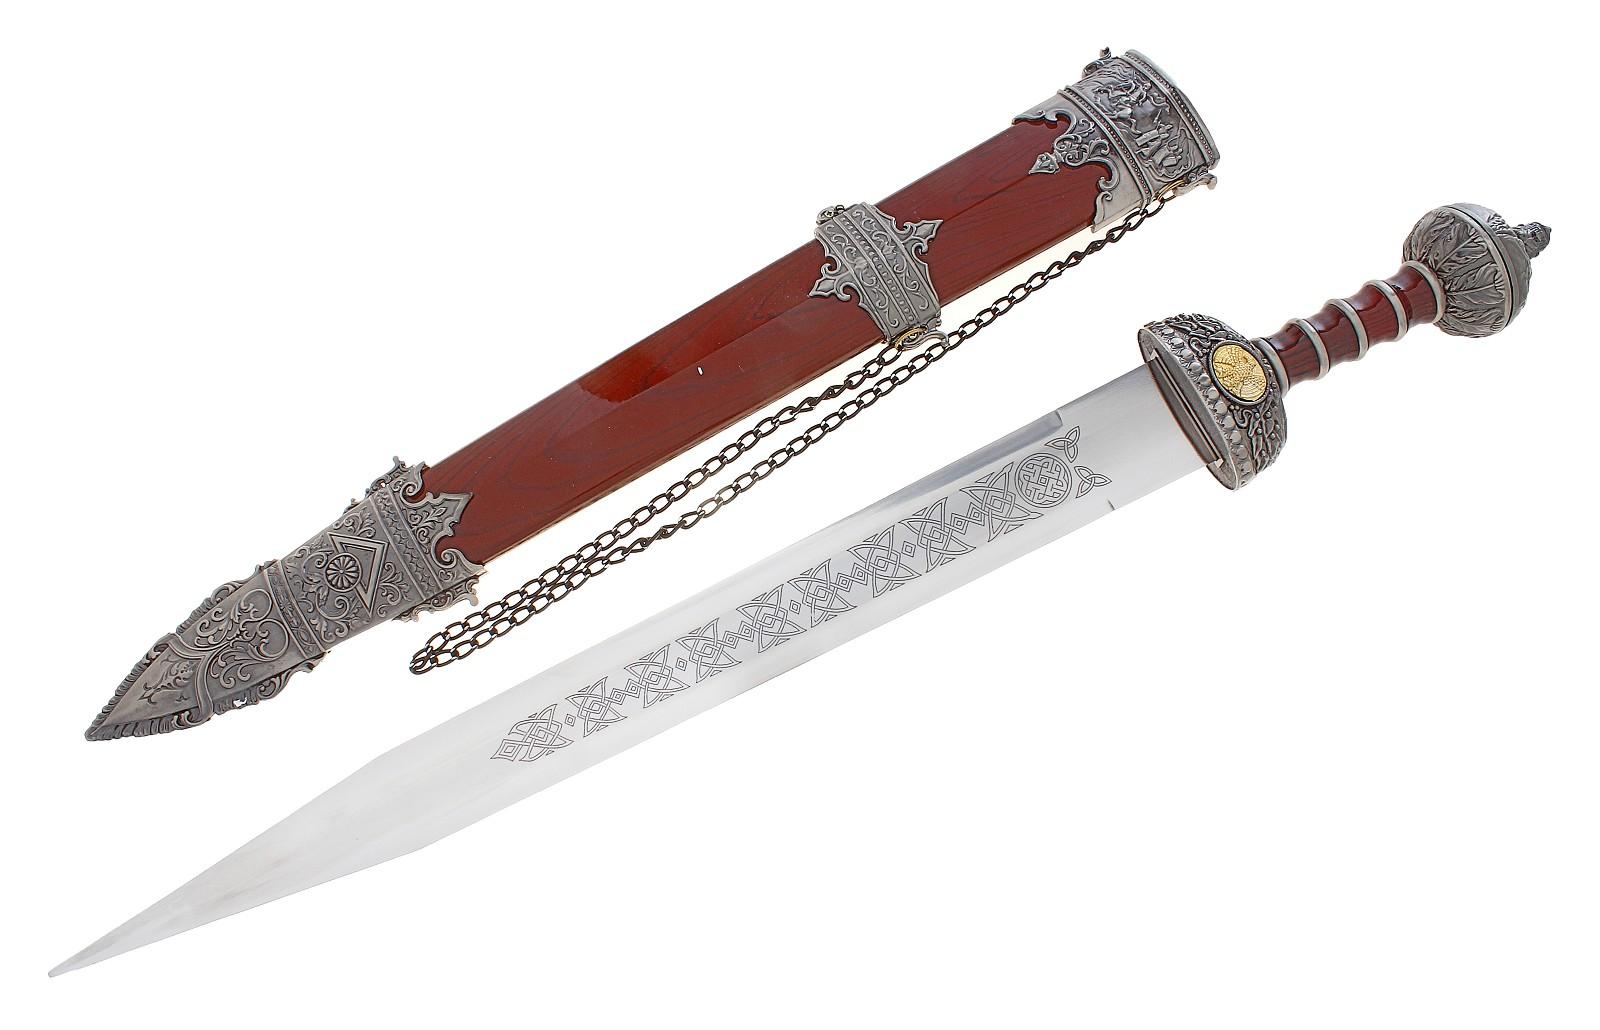 купить меч